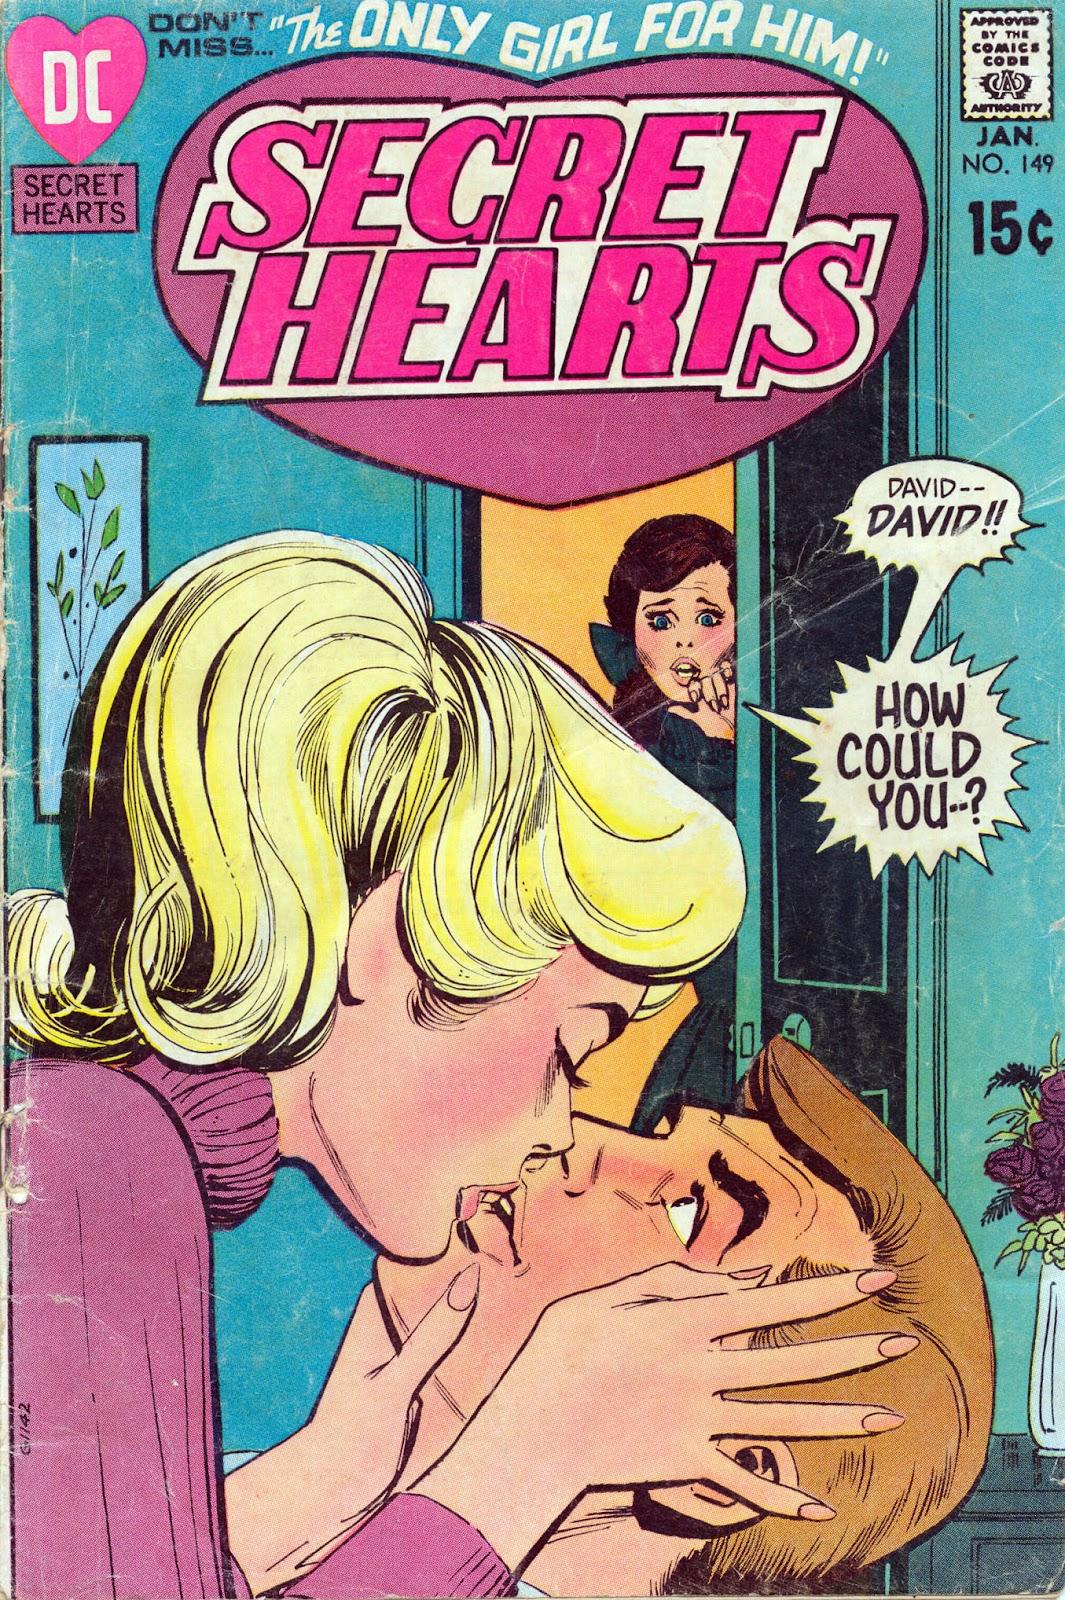 Secret Hearts 149 Page 1